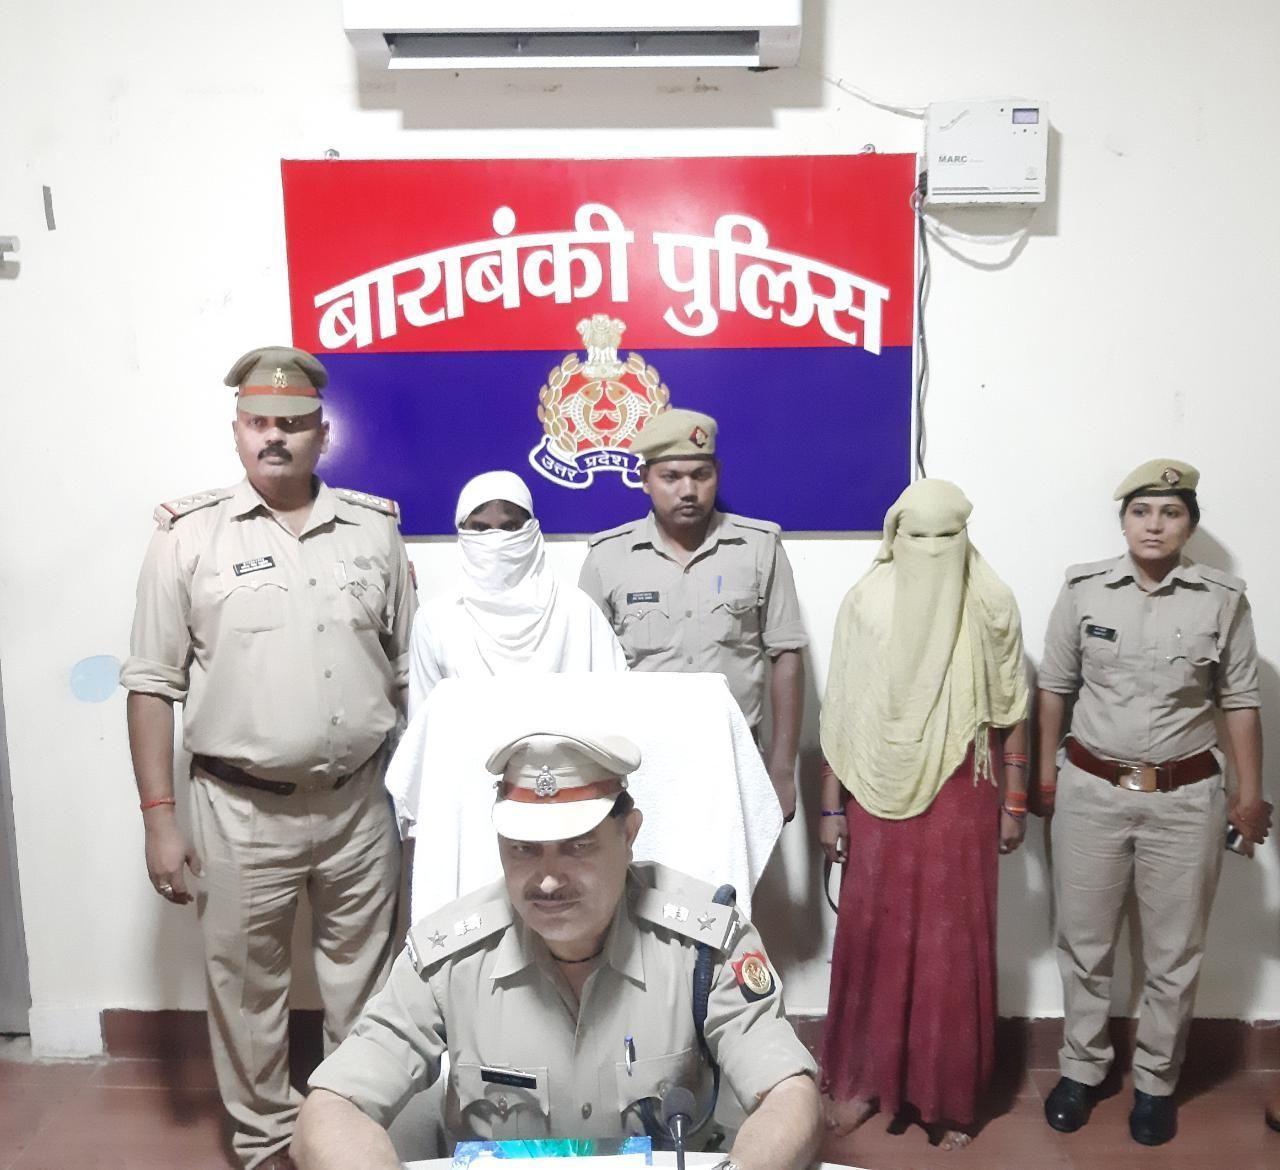 बाराबंकी पुलिस ने सरवन हत्याकाण्ड का किया खुलासा, हत्याभियुक्ता पत्नी सहित छोटे भाई को किया गिरफ्तार